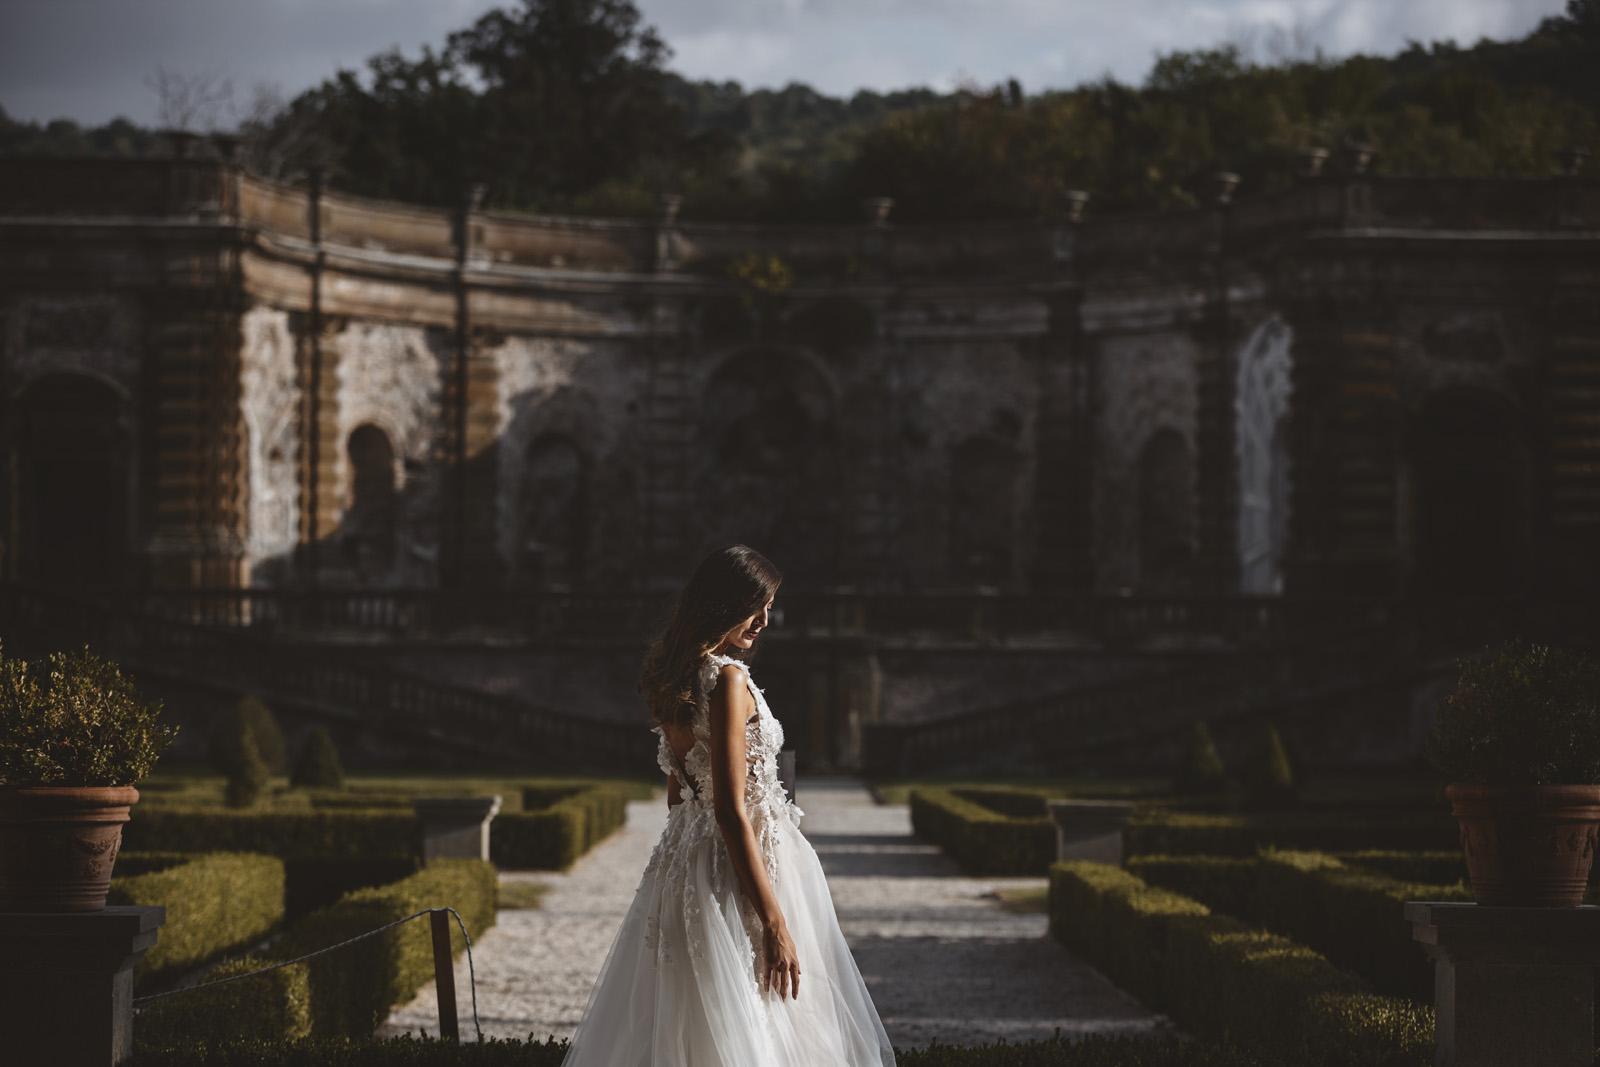 Villa Mondragone in a pic by Fabio Schiazza